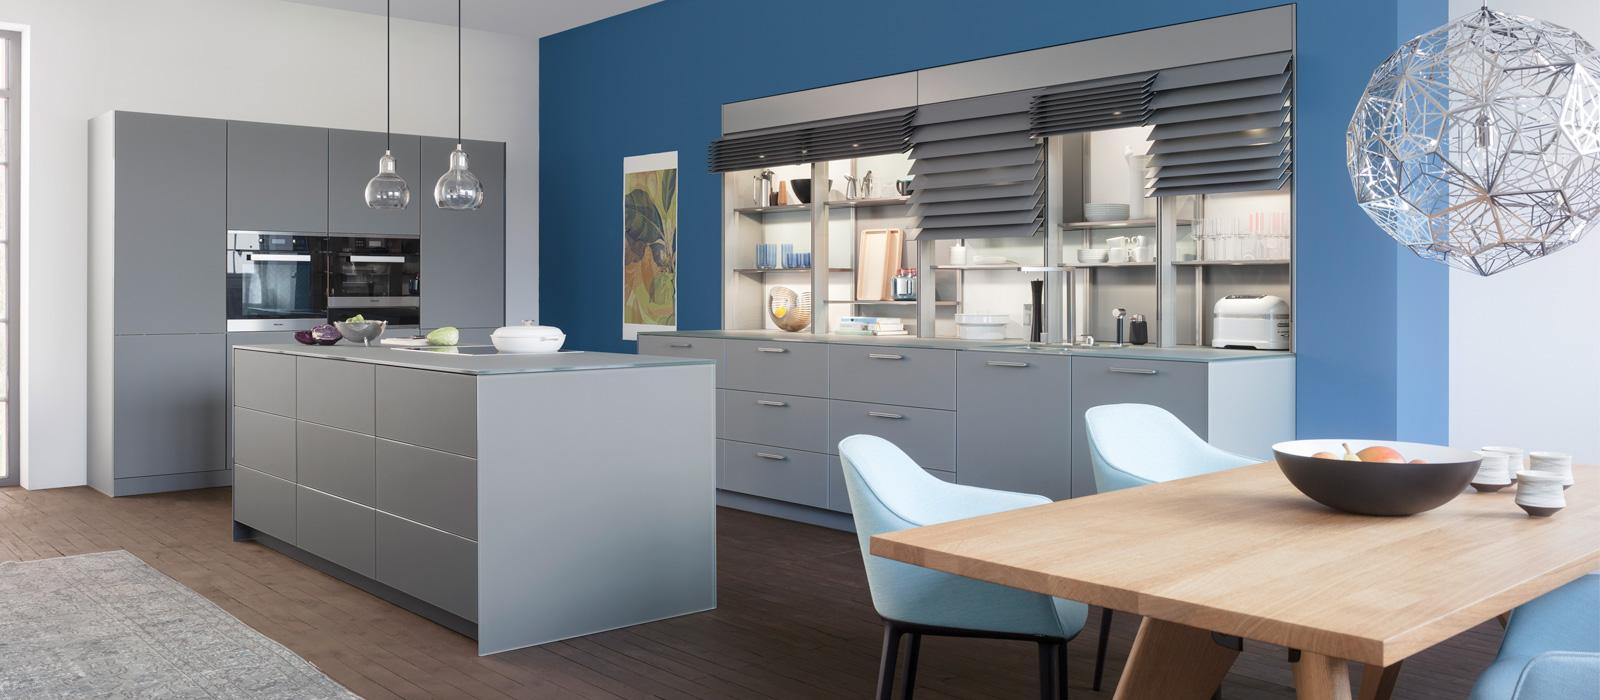 modern european kitchen cabinets Modern Kitchen Cabinets